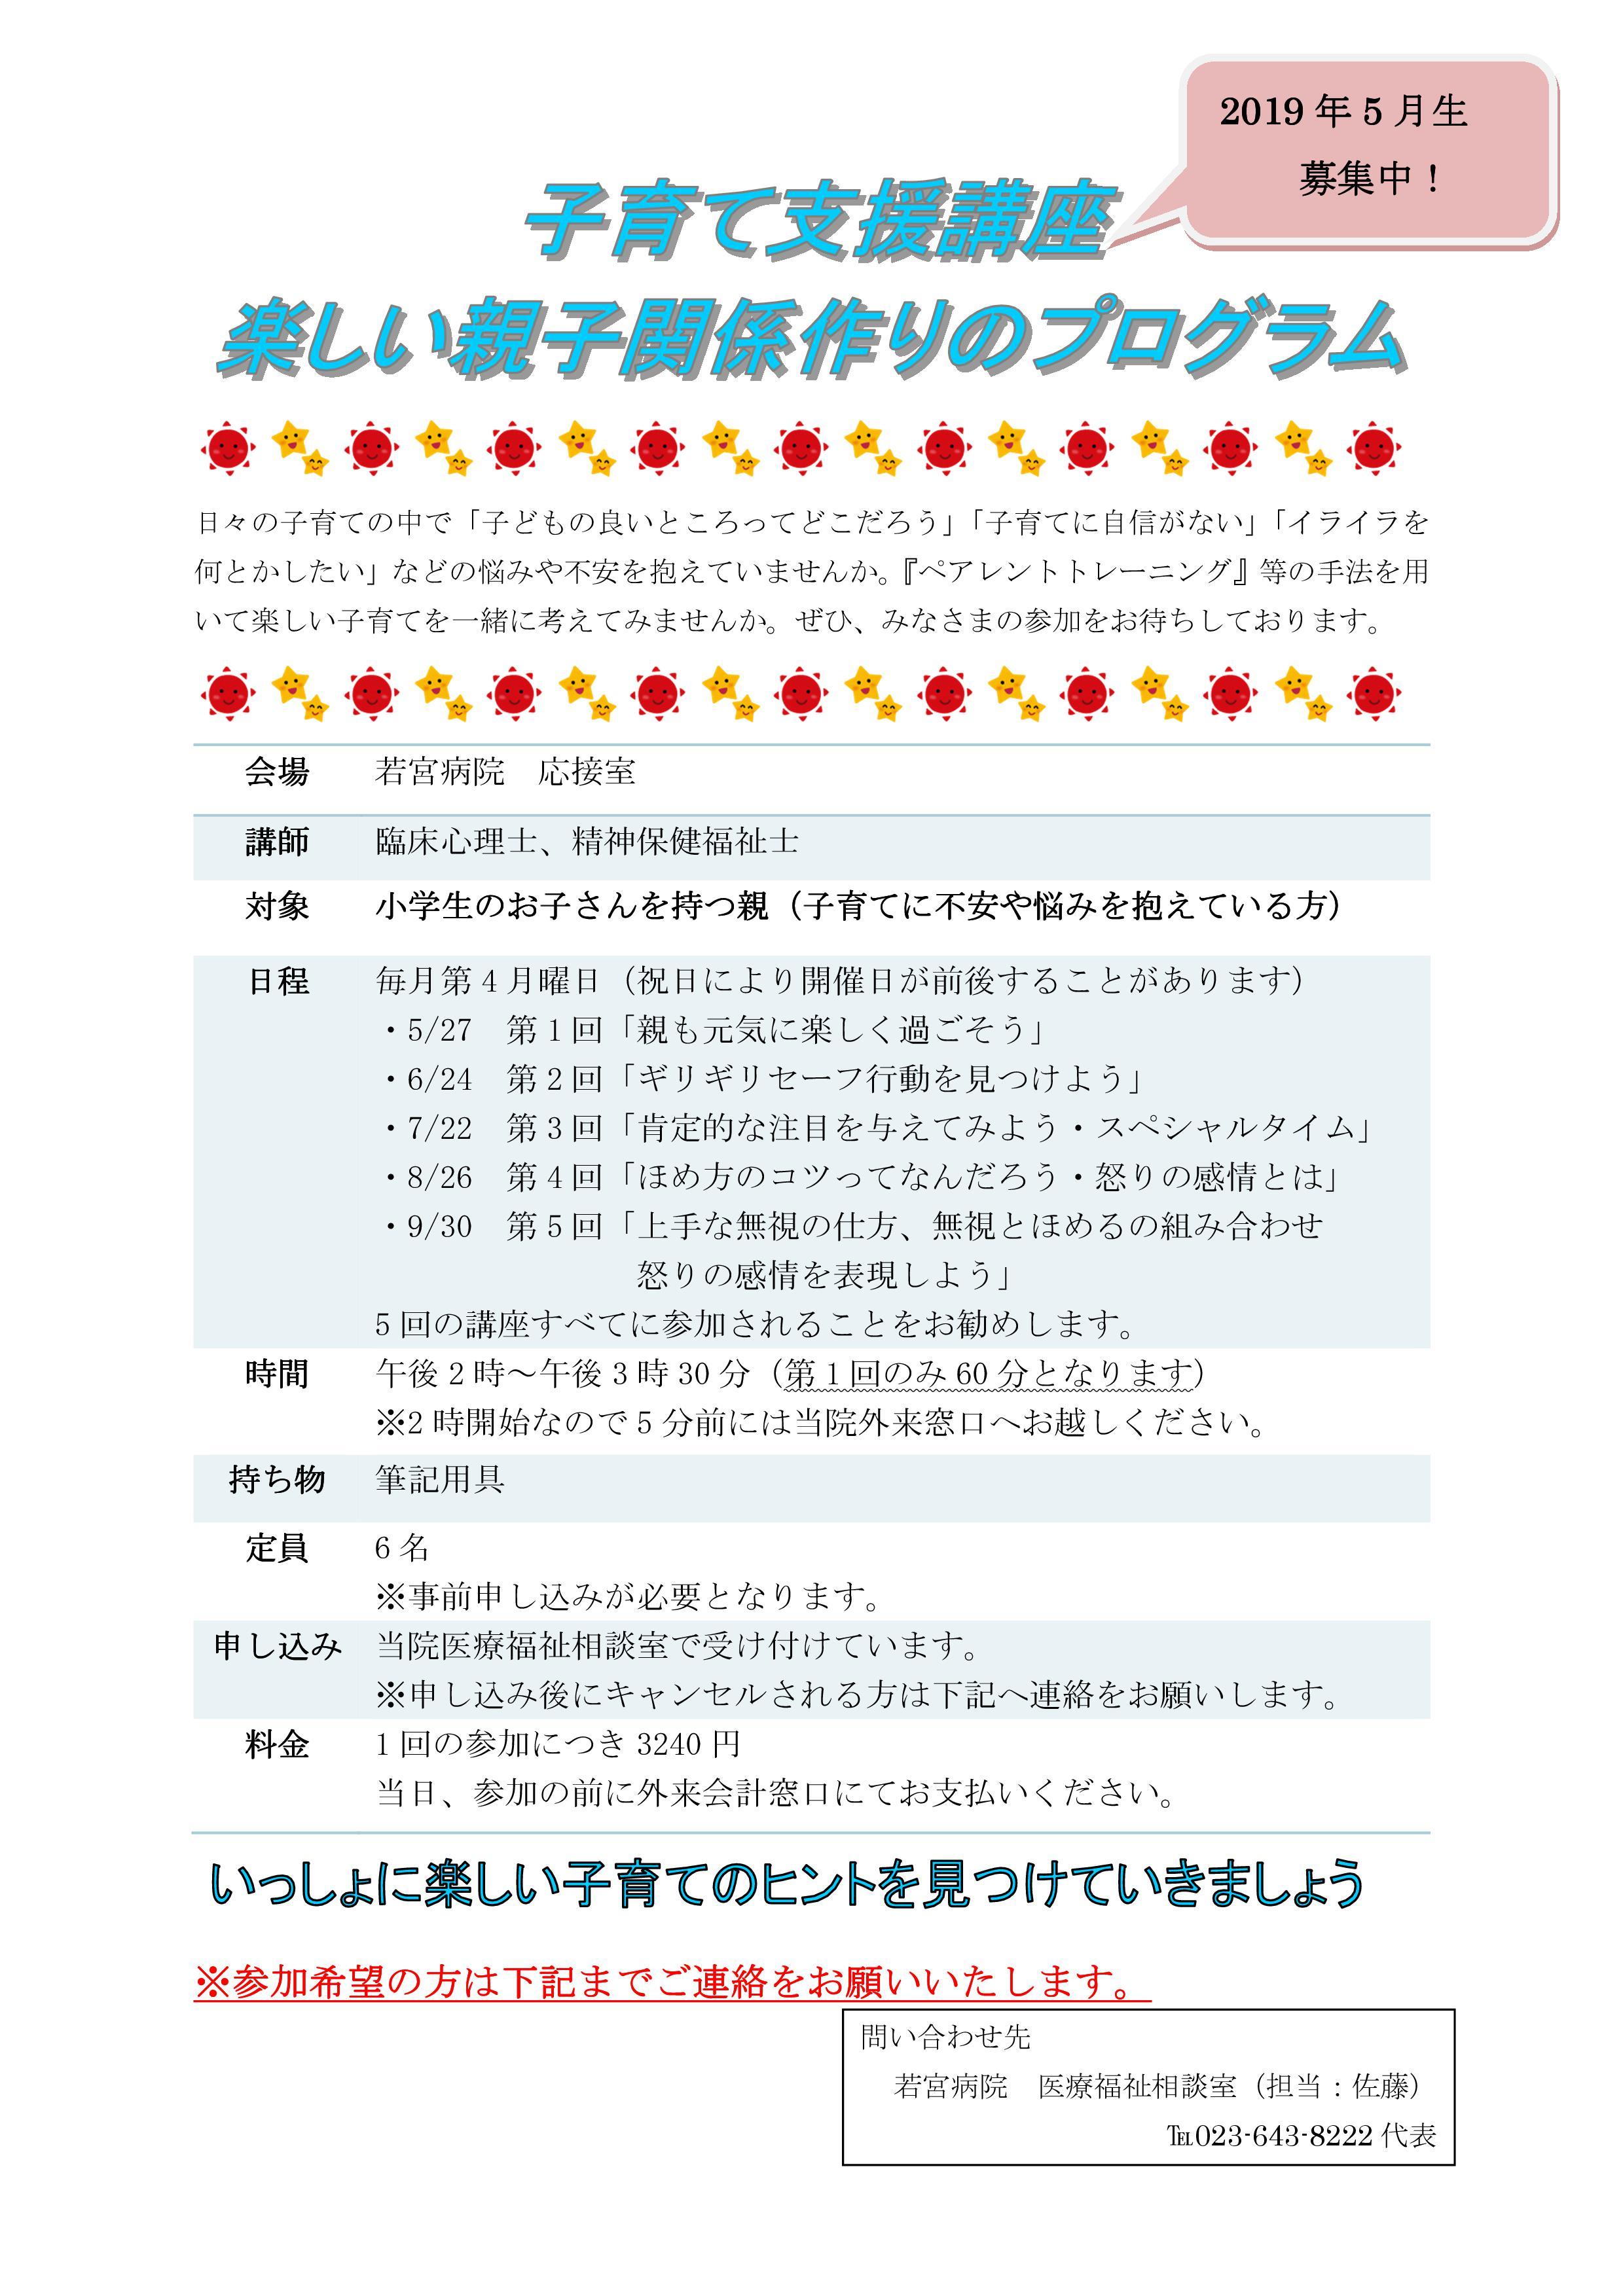 ペアレントトレーニングチラシ(H31.5月~分)